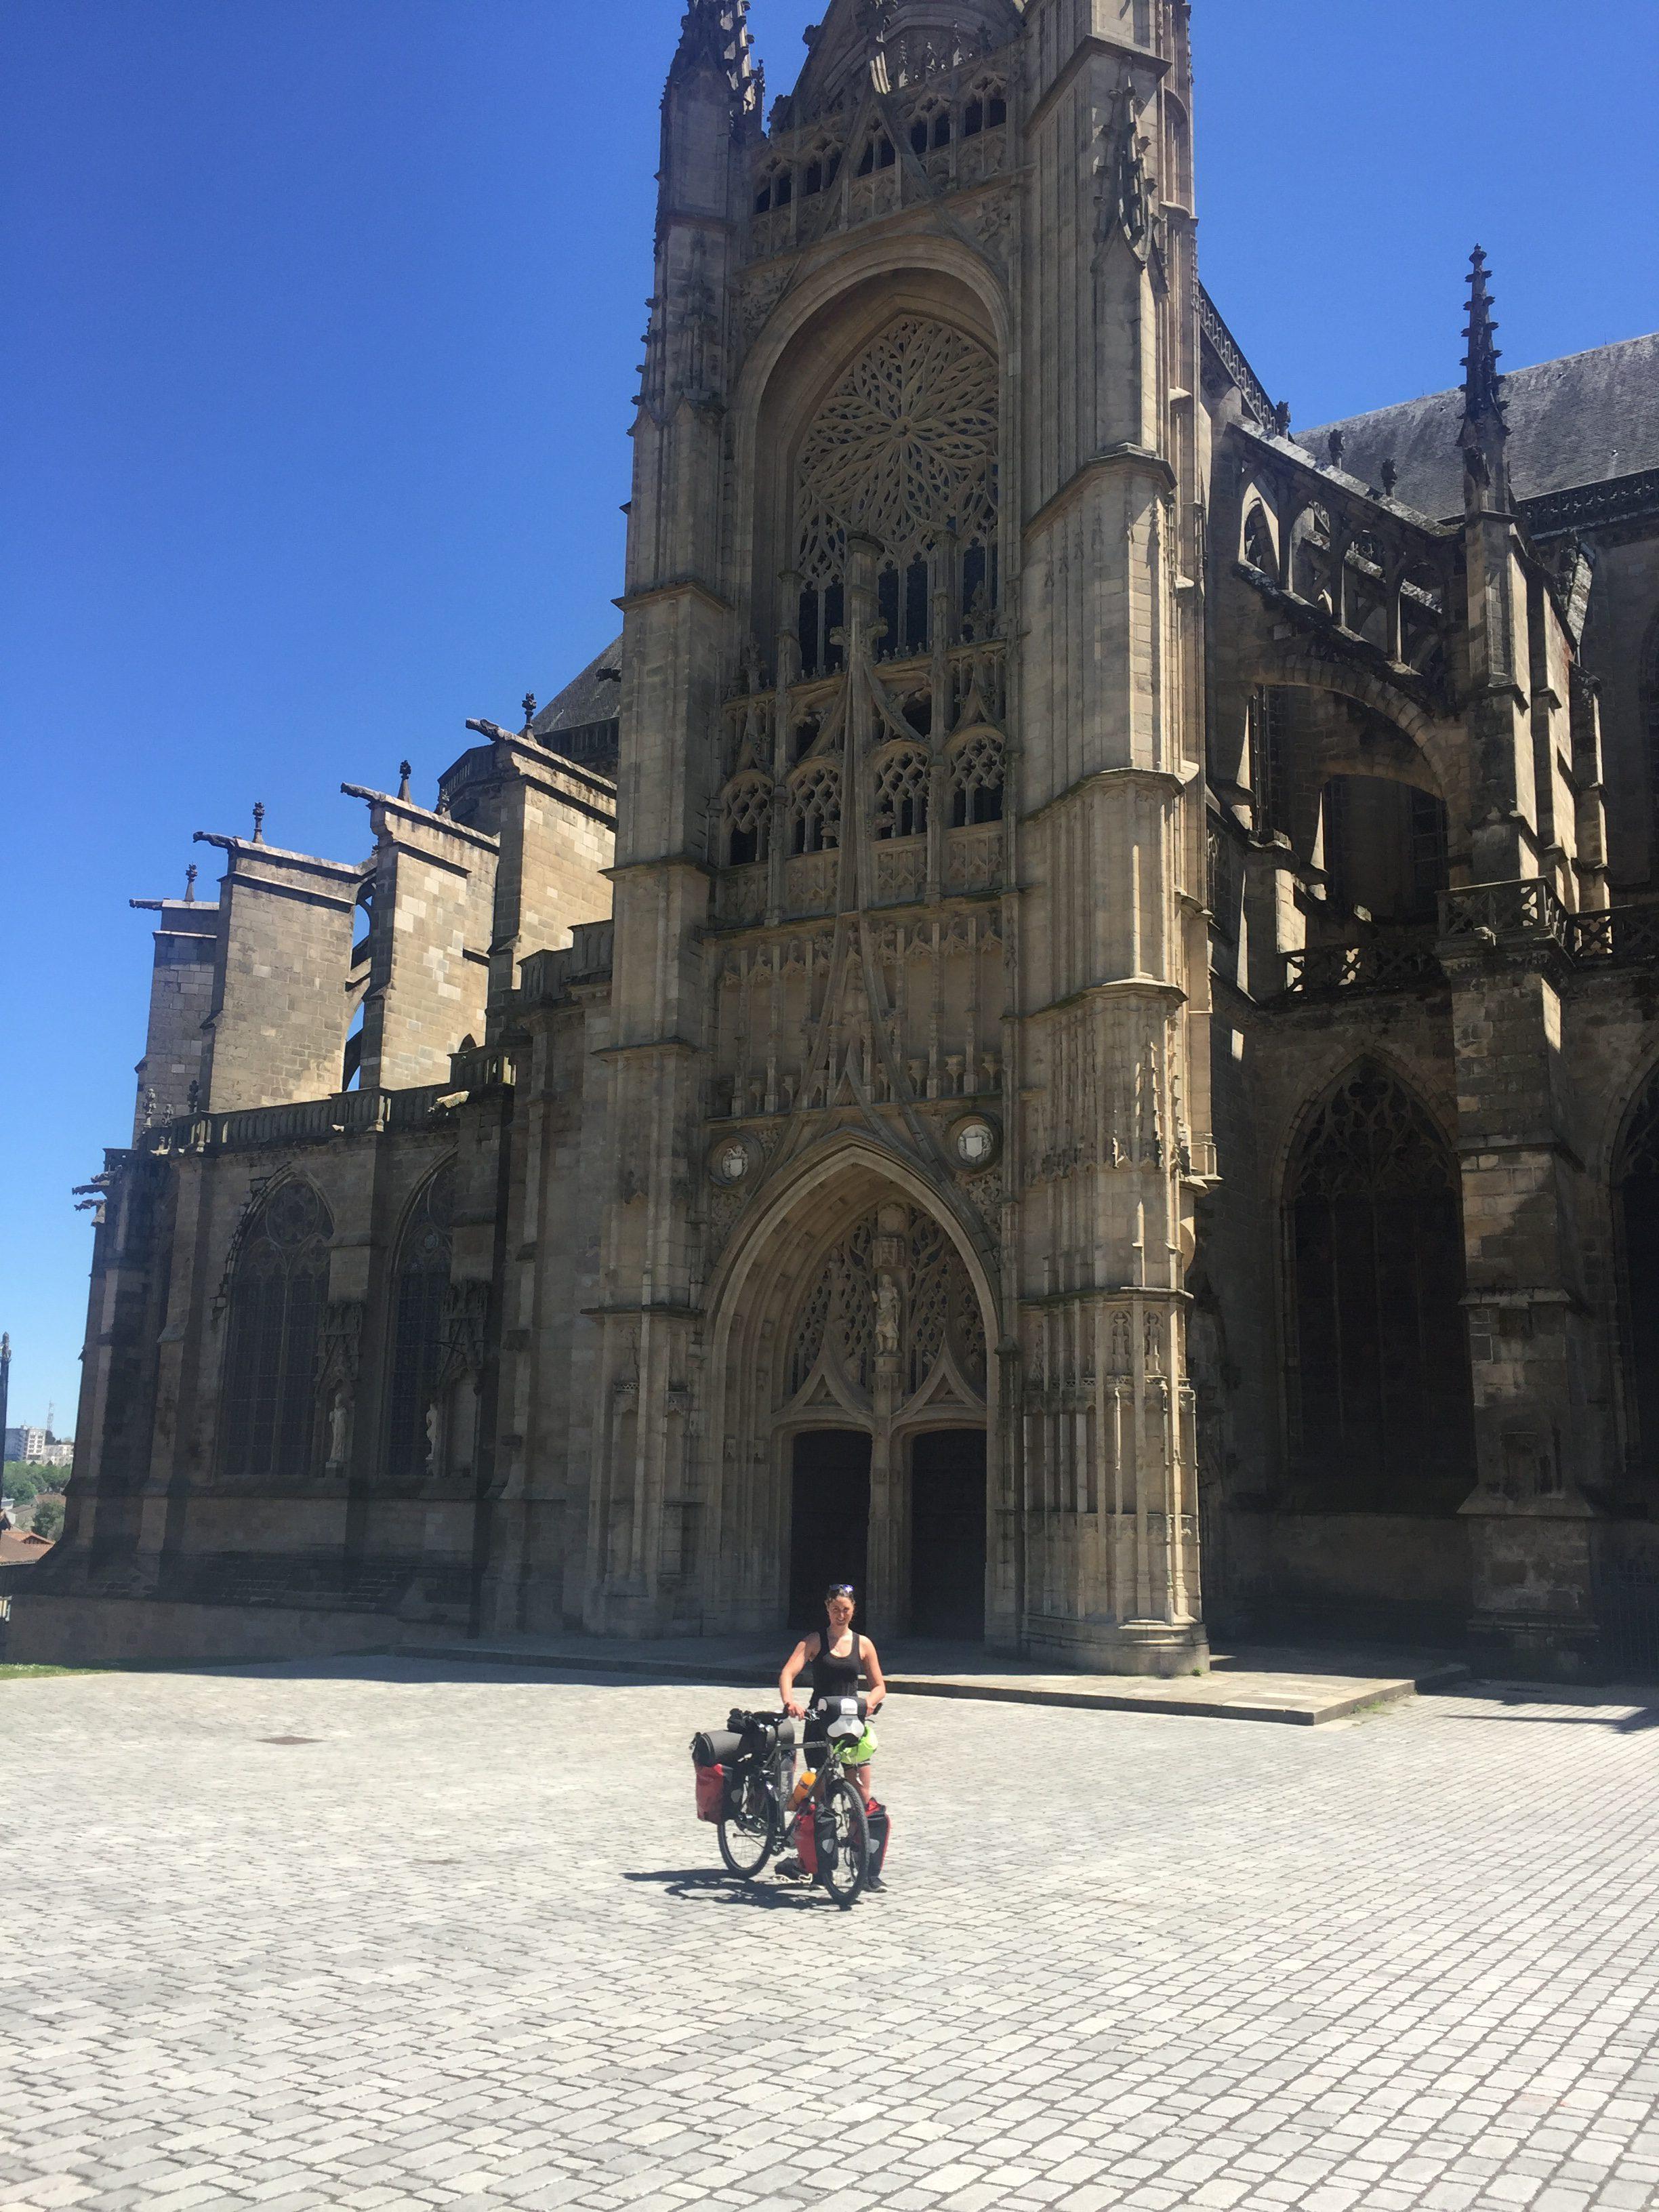 Ankunft in Limoges